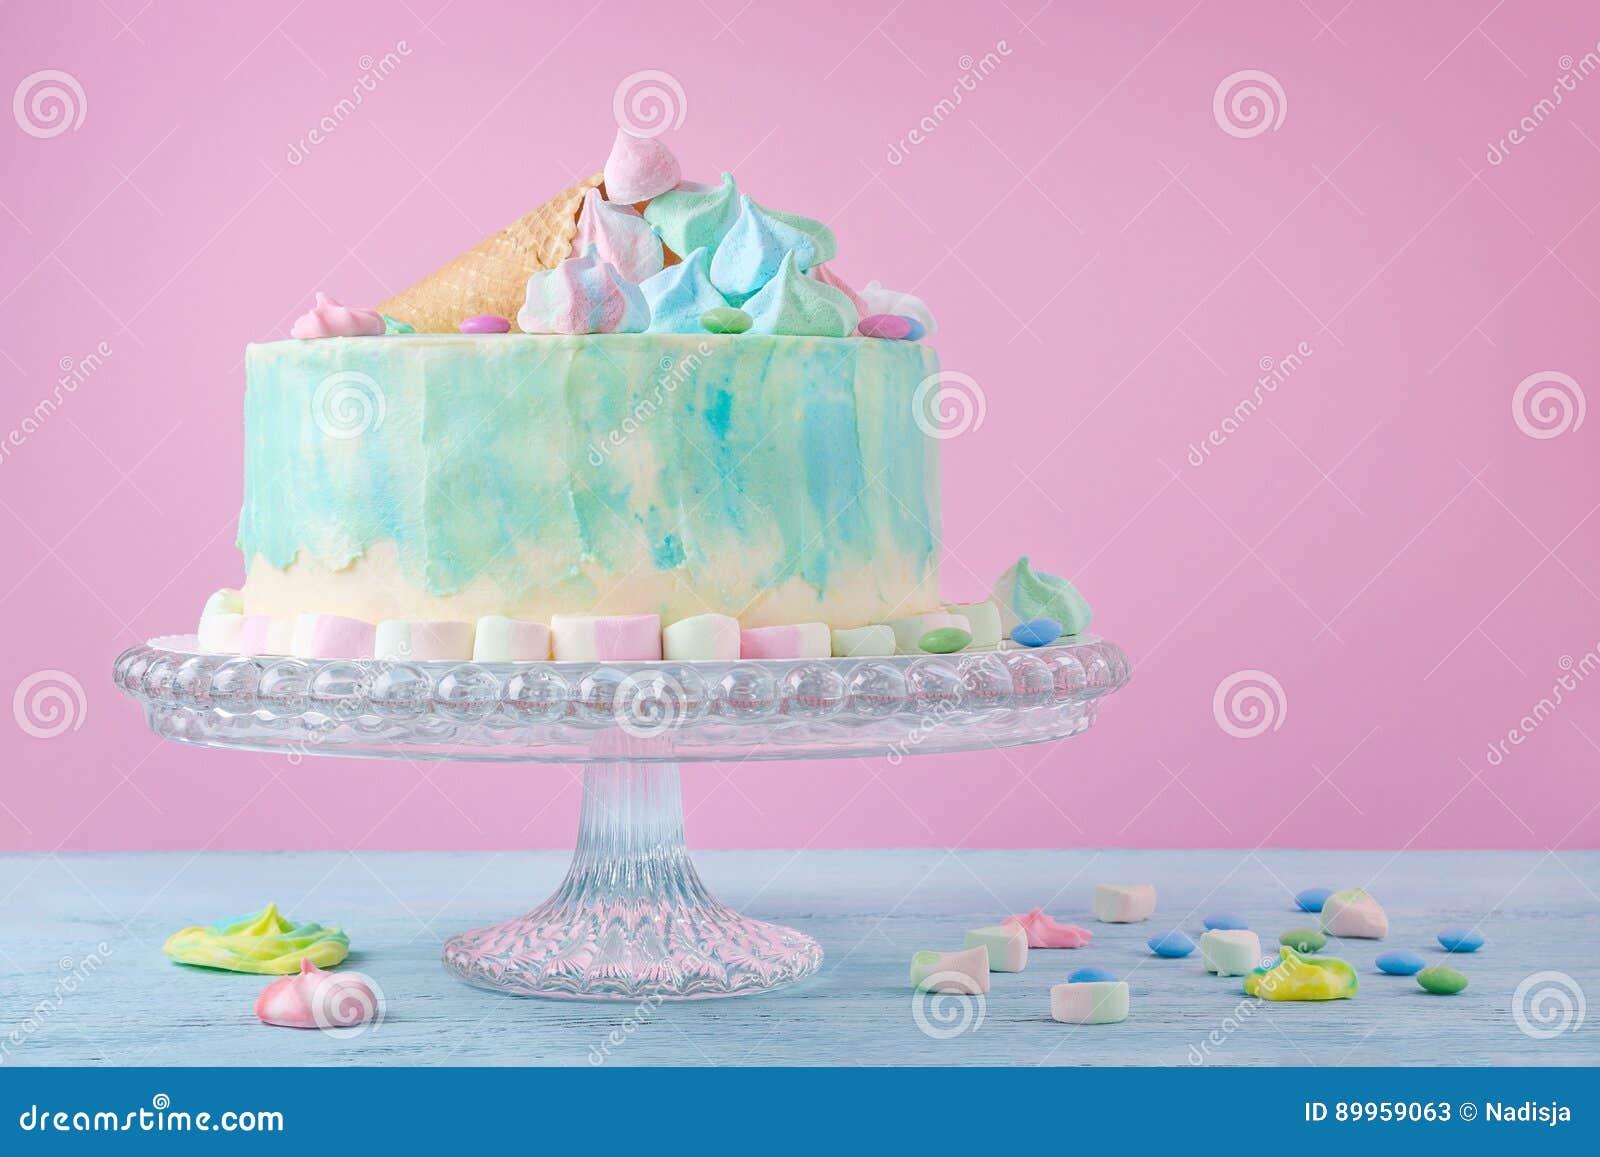 Födelsedagkaka i pastellfärgade färger, marshmallow och godisar på rosa bakgrund, selektiv fokus